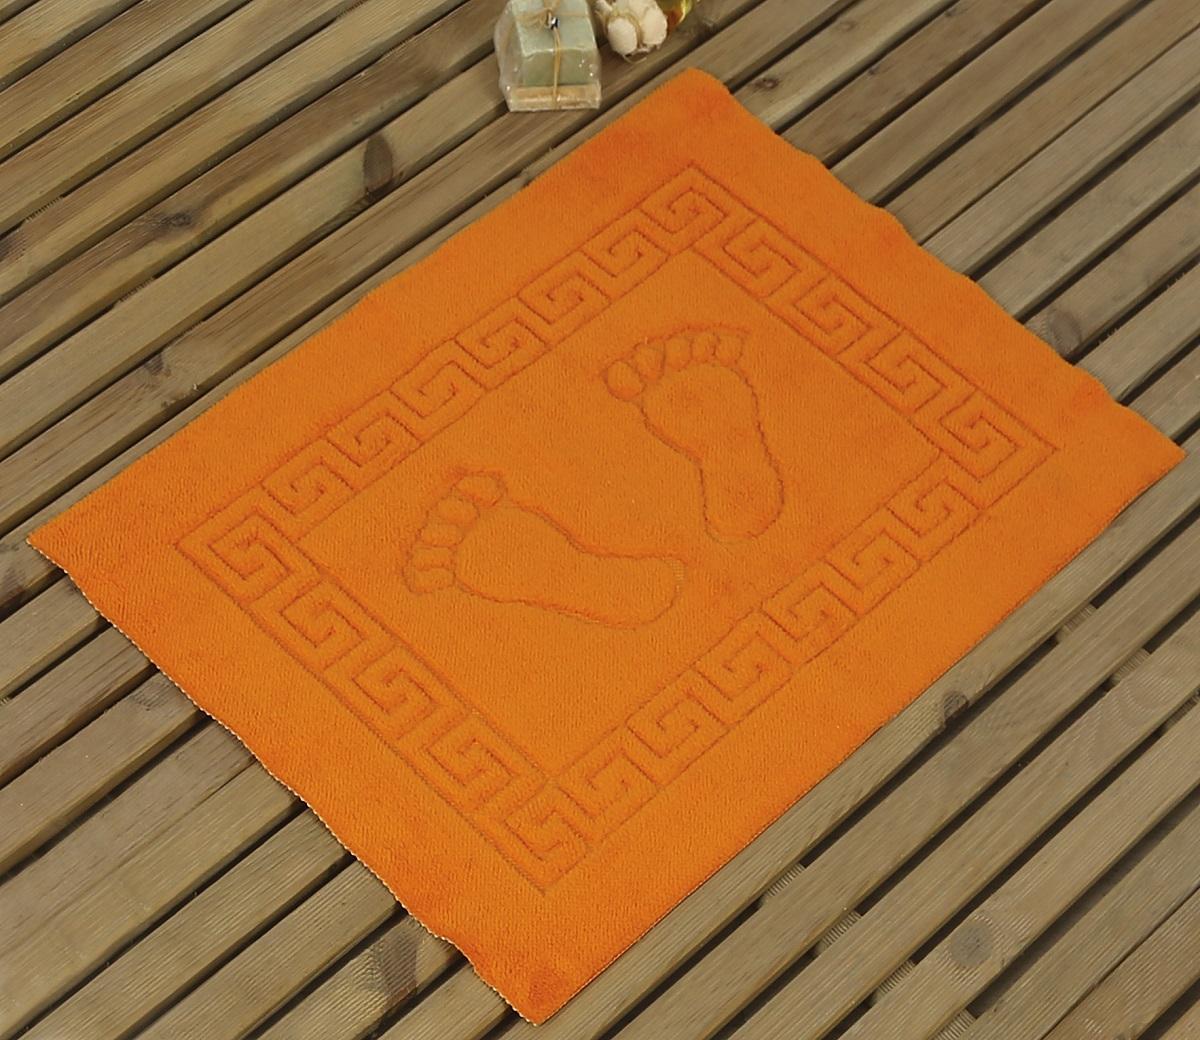 Коврик для ванной Karna Likya , цвет: оранжевый, 50 х 70 смAL-005Коврик печатный Karna сделан из 100% полиэстера. Полиэстер является синтетическим волокном. Ткань, полностью изготовленная из полиэстера, даже после увлажнения, очень быстро сохнет. Коврик из полиэстера практически не требователен к уходу и обладает высокой устойчивостью к износу.Коврик из полиэстера не мнётся и легко стирается, после стирки очень быстро высыхает. Материал очень прочный, за время использования не растягивается и не садится. А так же обладает высокой влагонепроницаемостью.Размер: 50 х 70 см.